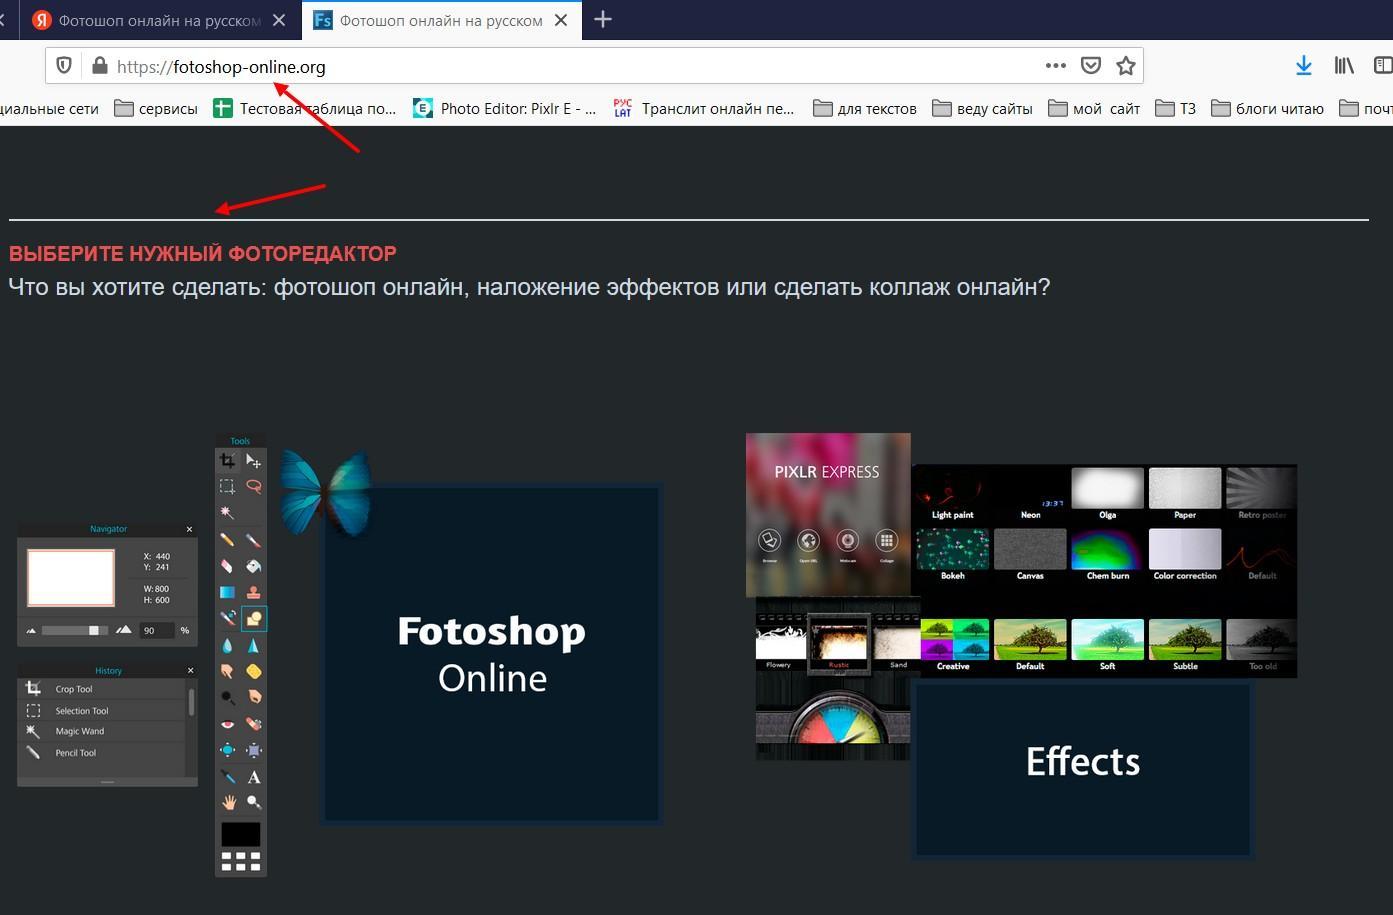 Фотошоп онлайн на русском бесплатно 1